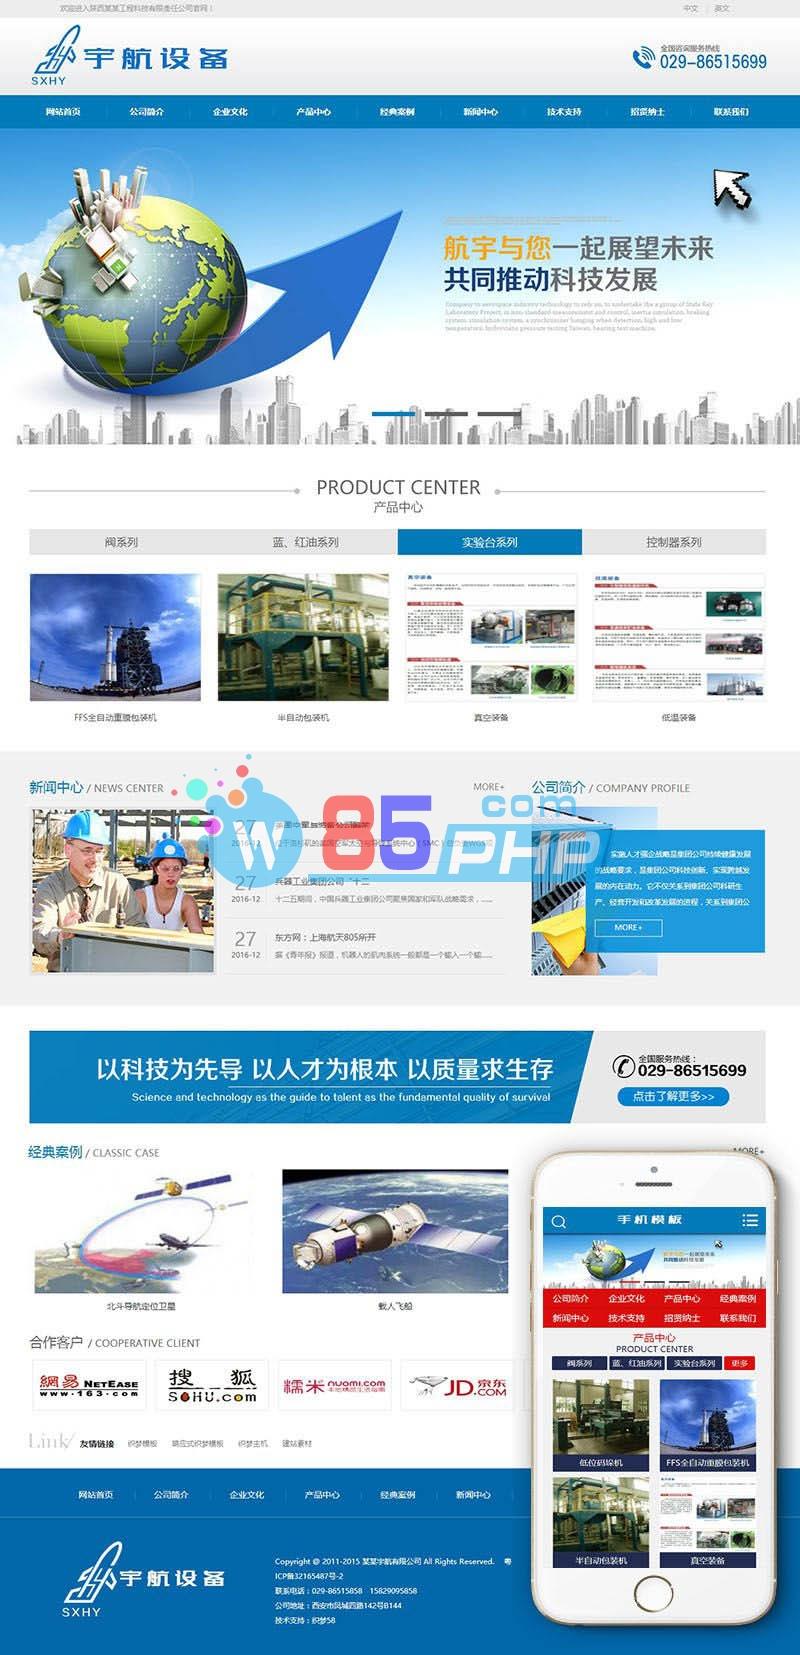 鹤云资源博客-【织梦模板】中英双语航天科技设备类网站织梦模板(带手机端)插图1